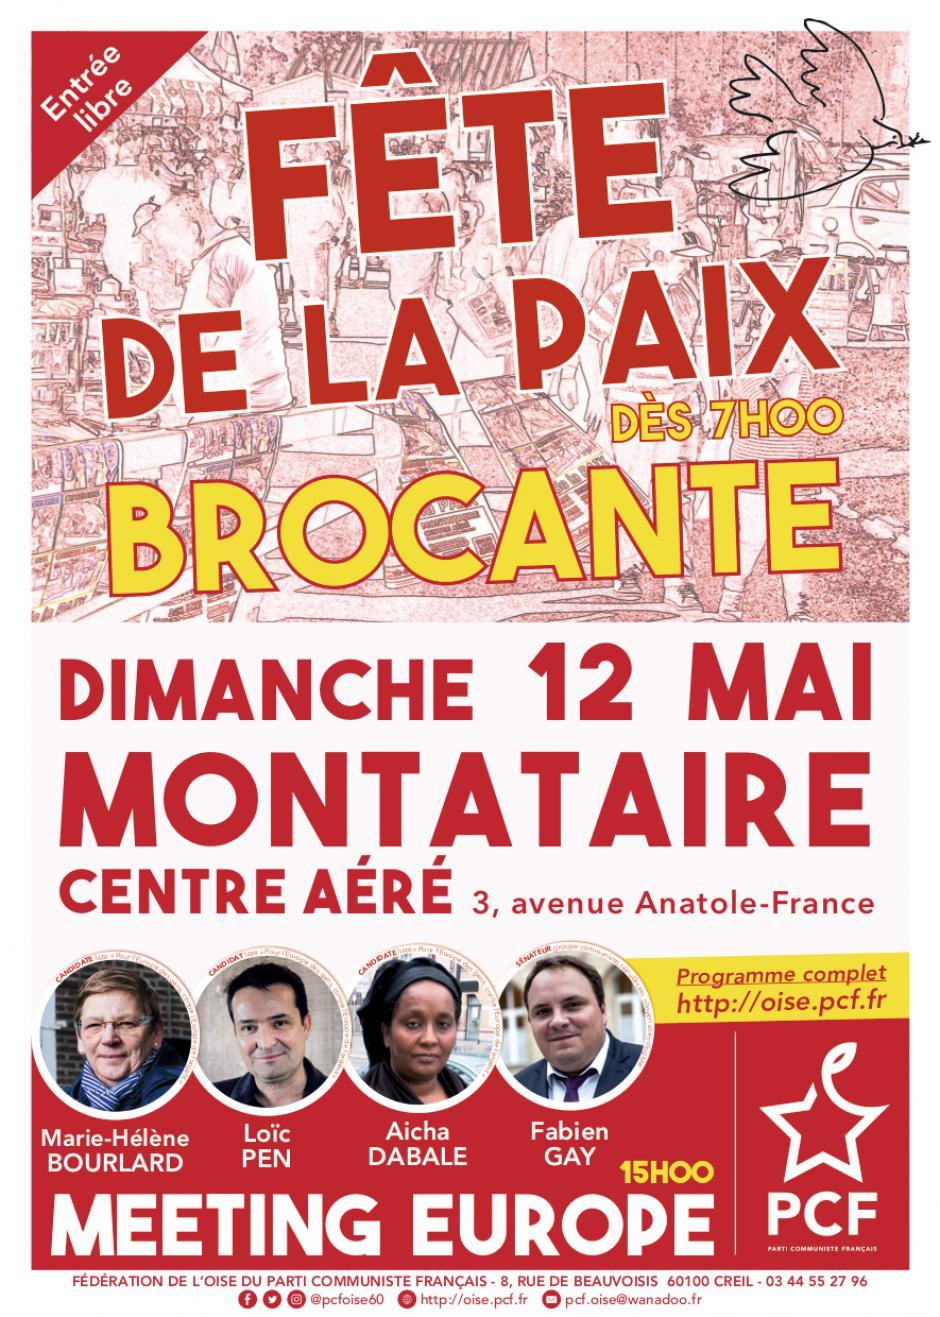 12 mai, Montataire - 15e édition de la Fête de la Paix